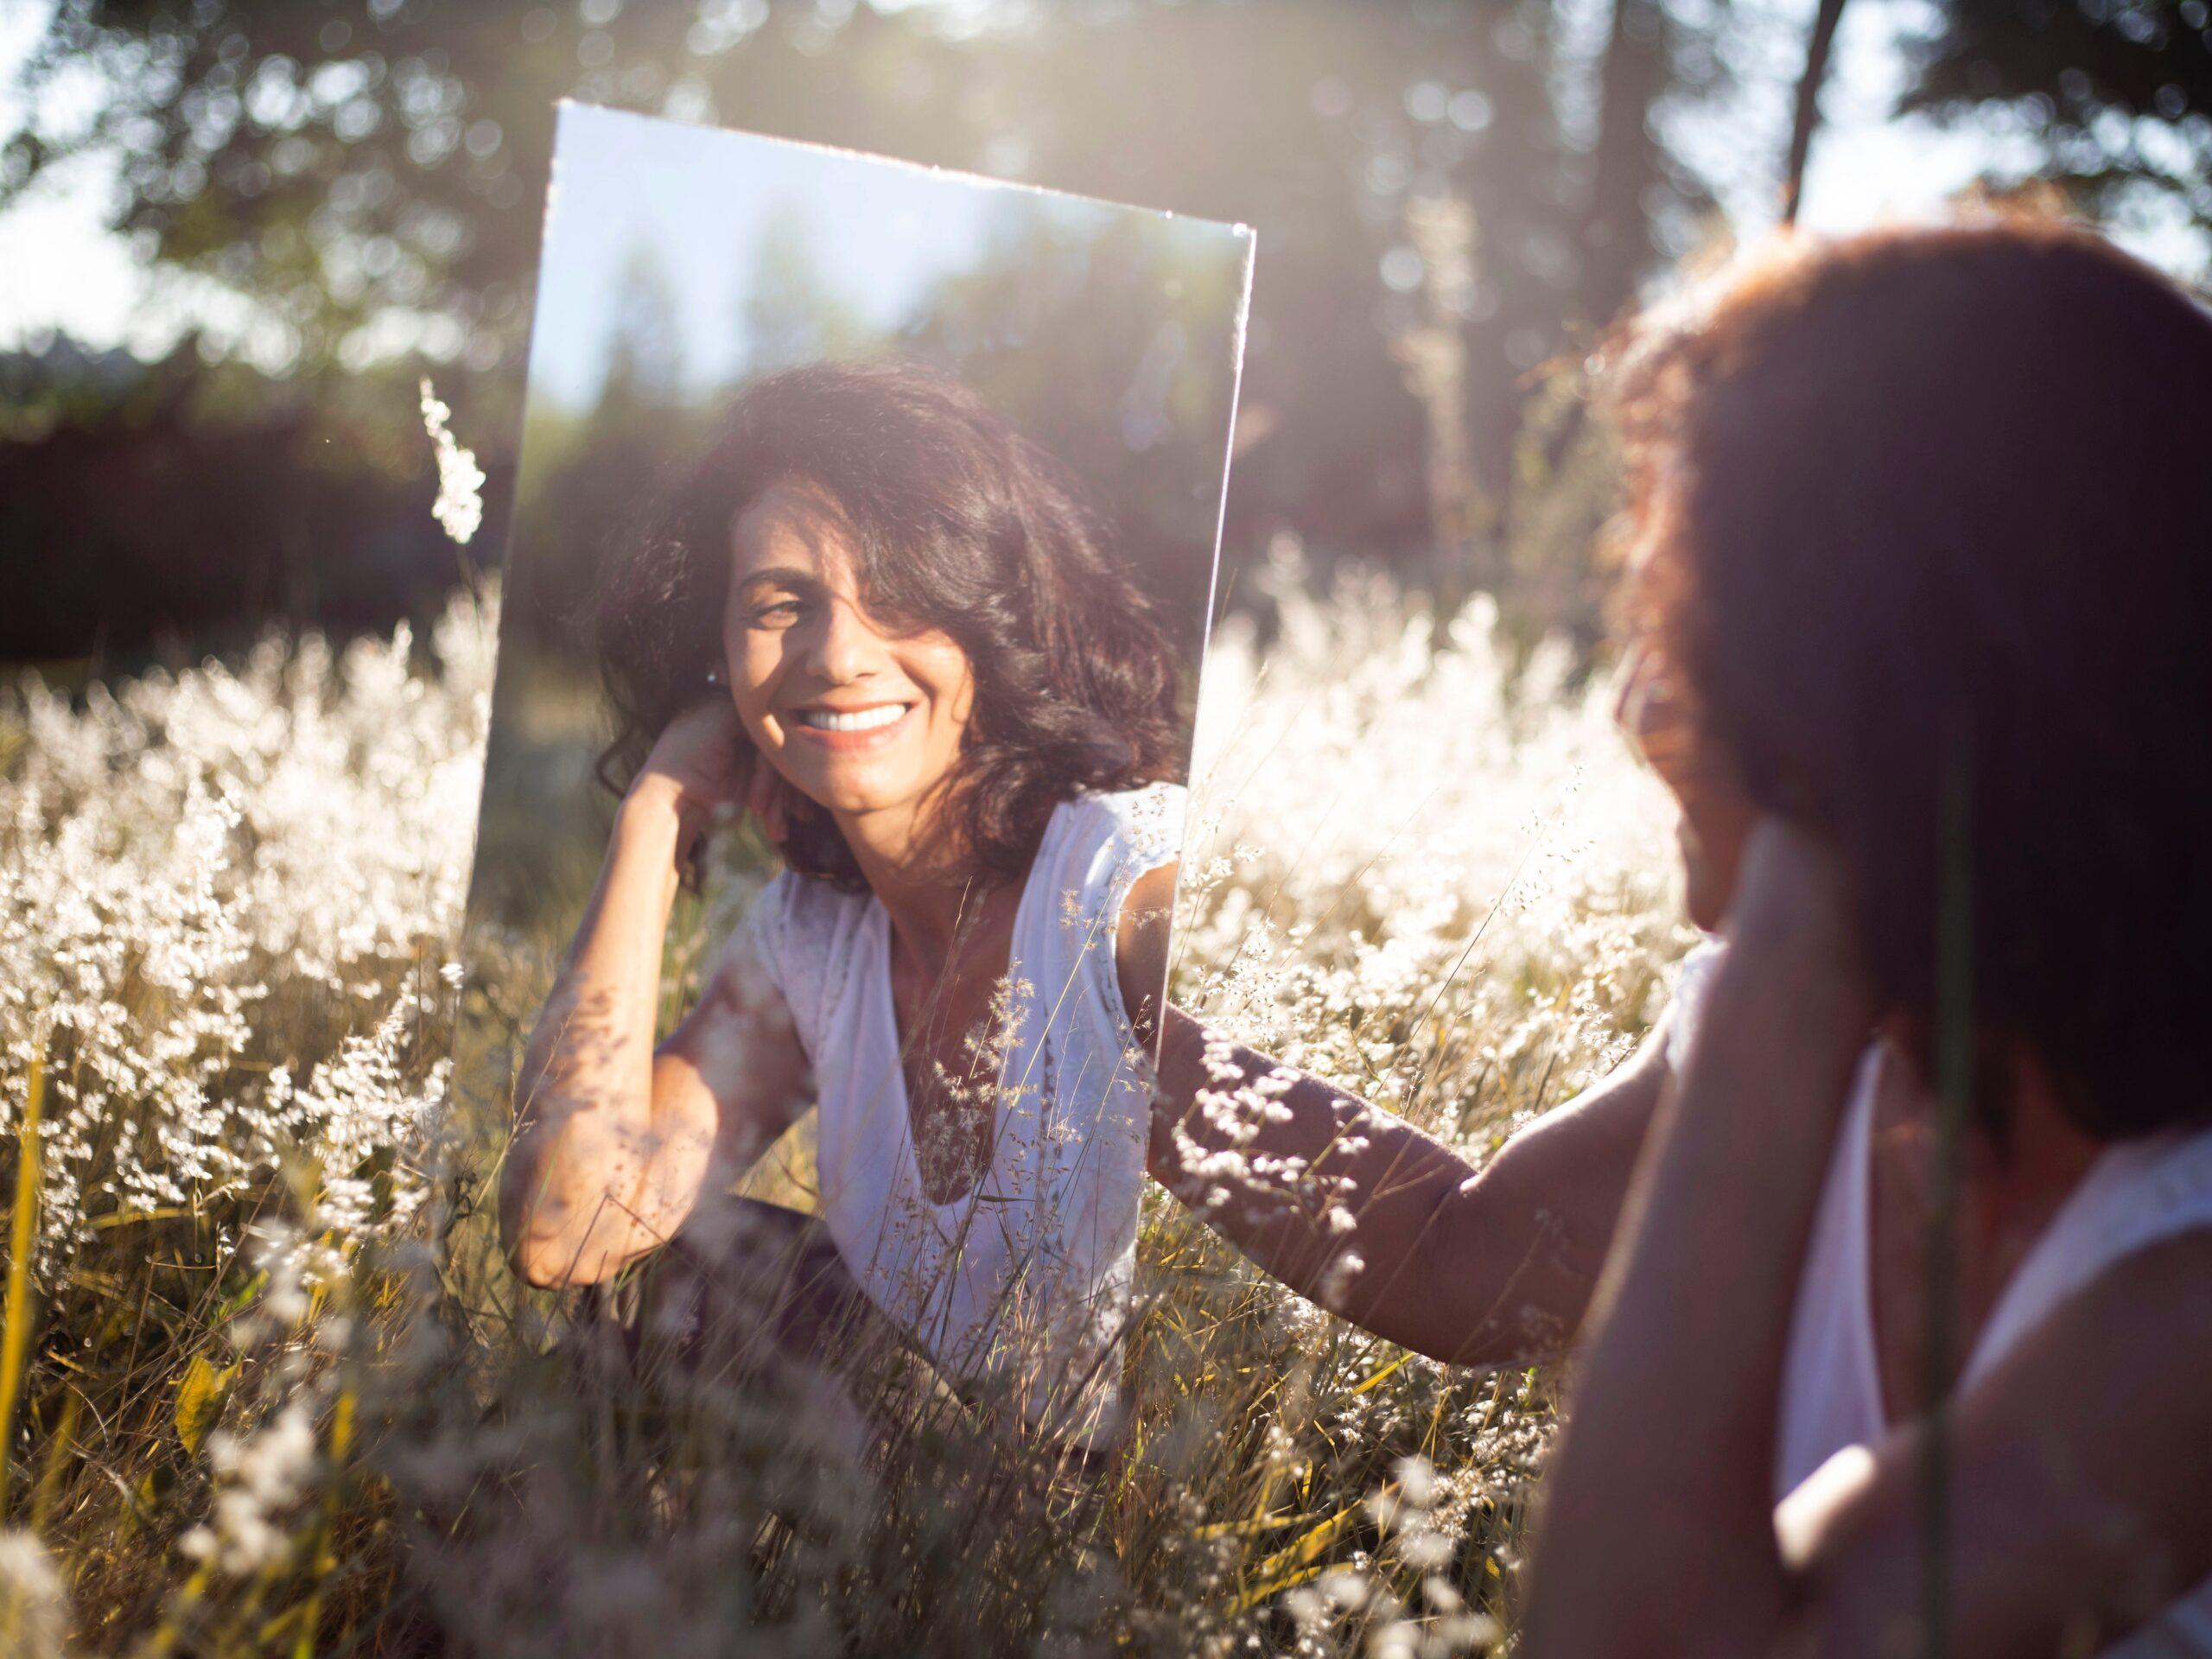 Way to Spirituality: जीवन एक दर्पण की तरह है, जैसा हम देखते हैं वैसा ही हम पाते हैं ?